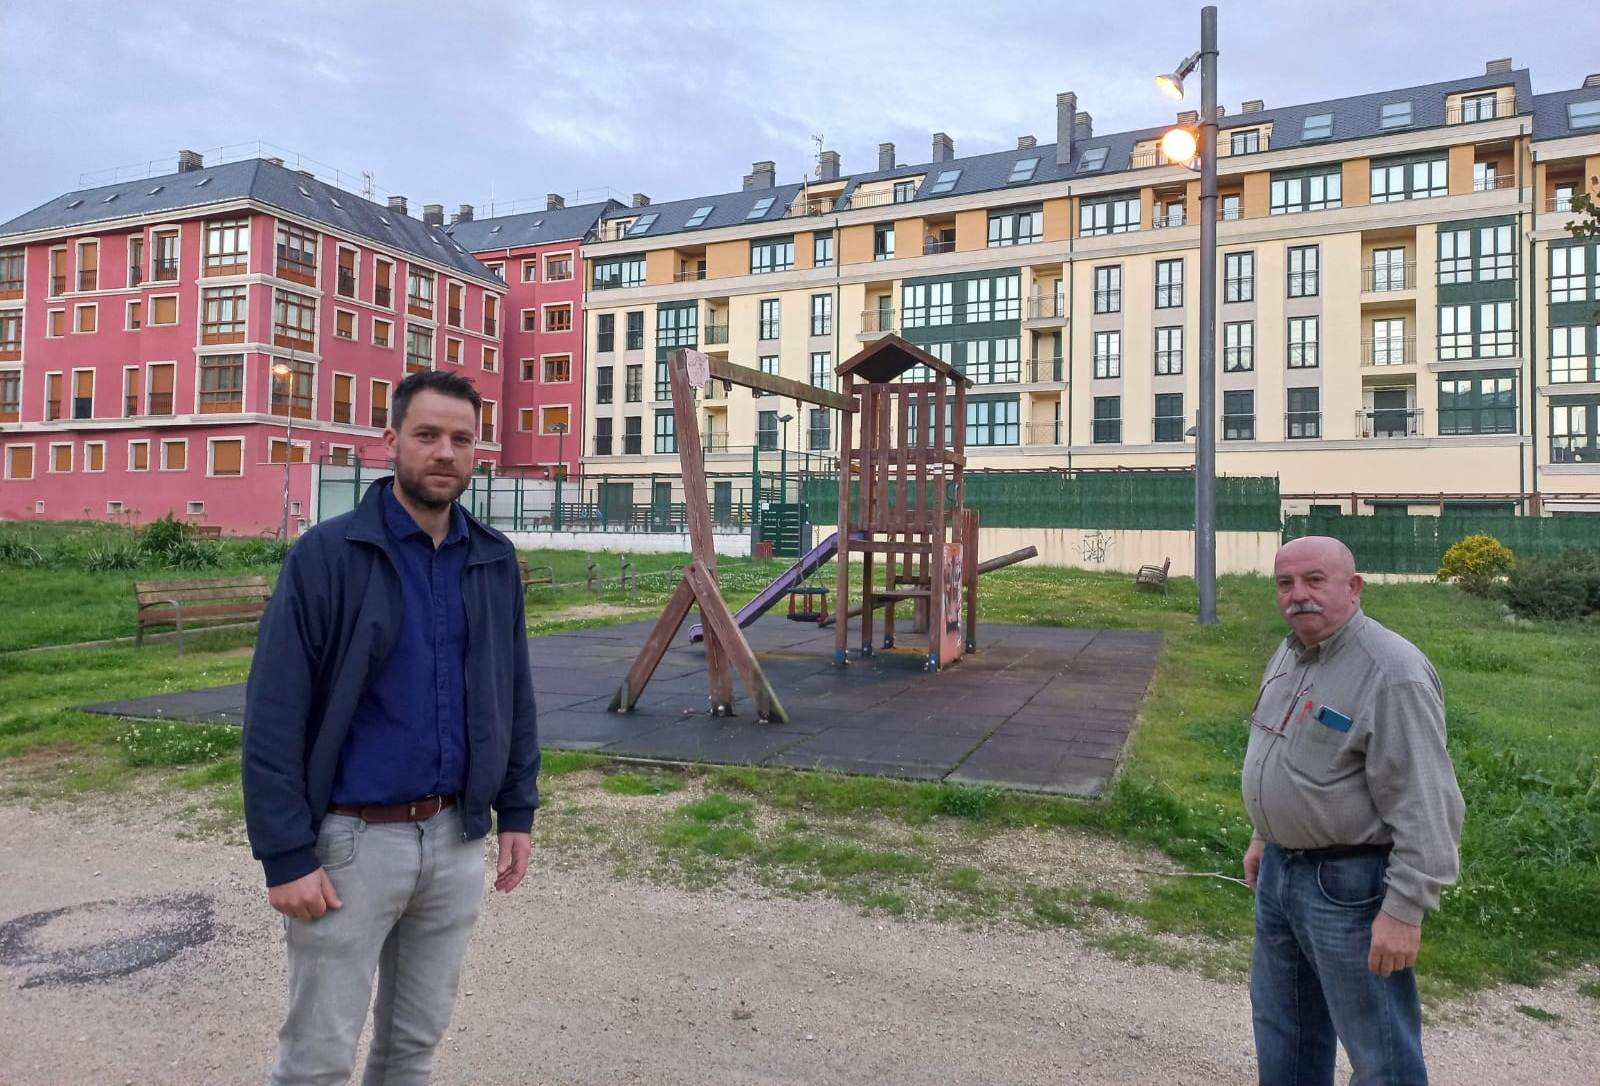 Foz contará coas primeiras pistas de petanca da Mariña no parque da rúa Uxío Novoneyra, que será totalmente renovado